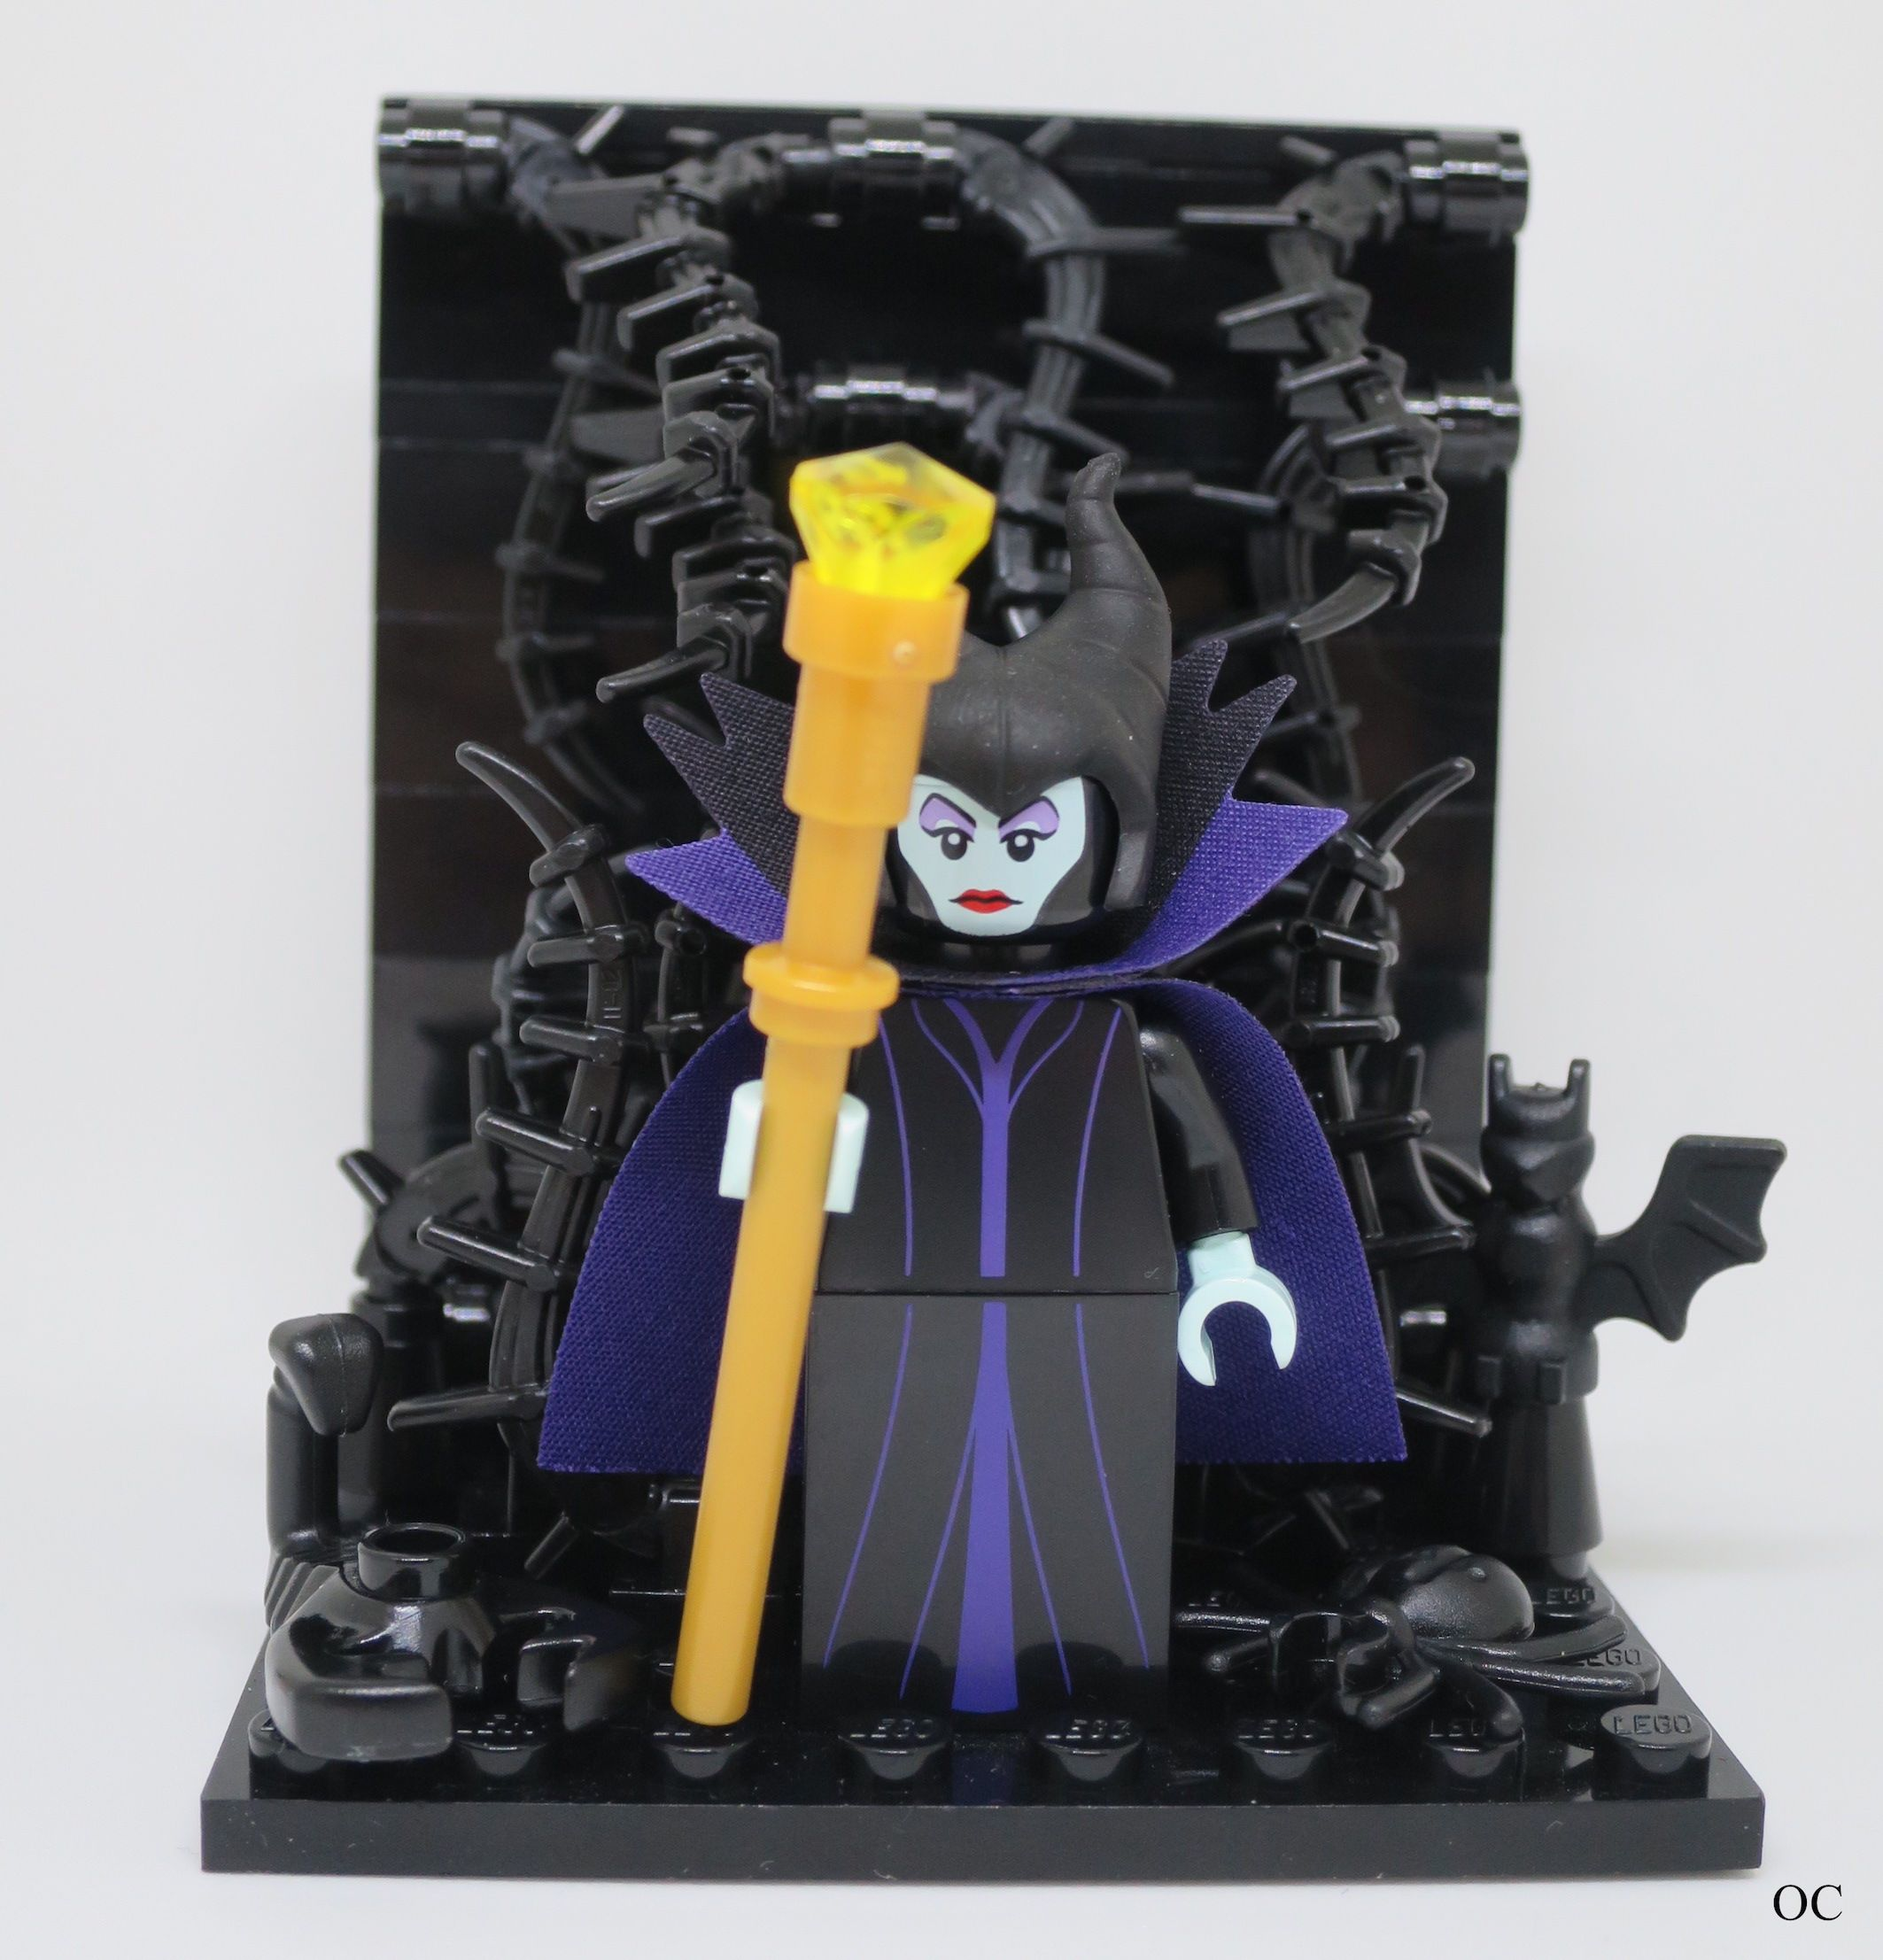 Lego Maleficent Minifigures Vignette 8x8                              …